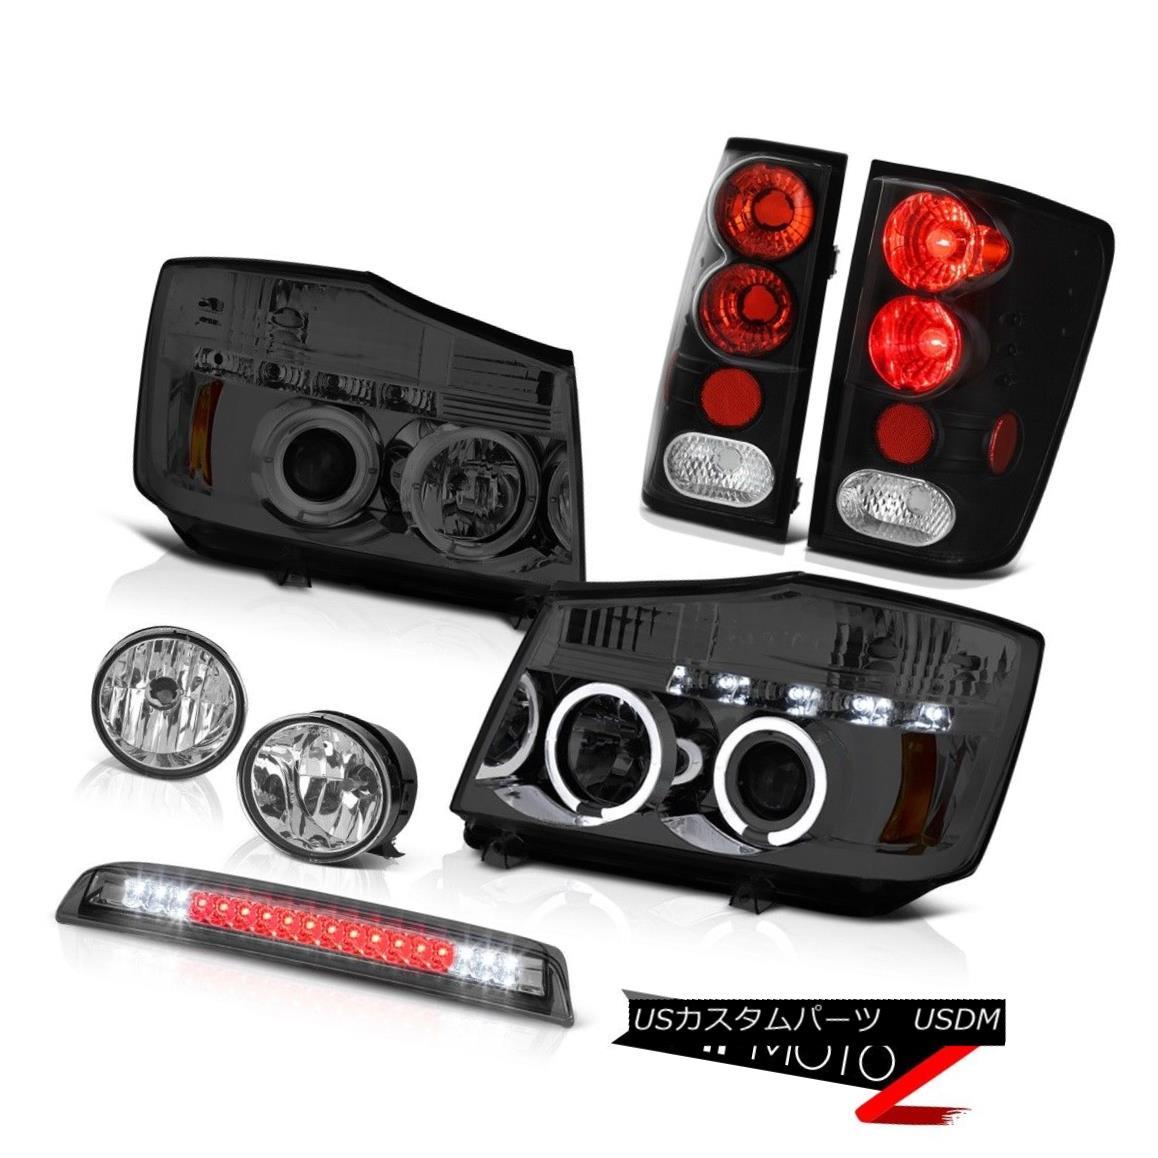 テールライト For 04-15 Titan Pro-4X Tinted Headlights Tail Lights Bumper Fog High LED Smoke 04-15タイタンPro-4XティンテッドヘッドライトテールライトバンパーフォグハイLEDスモーク